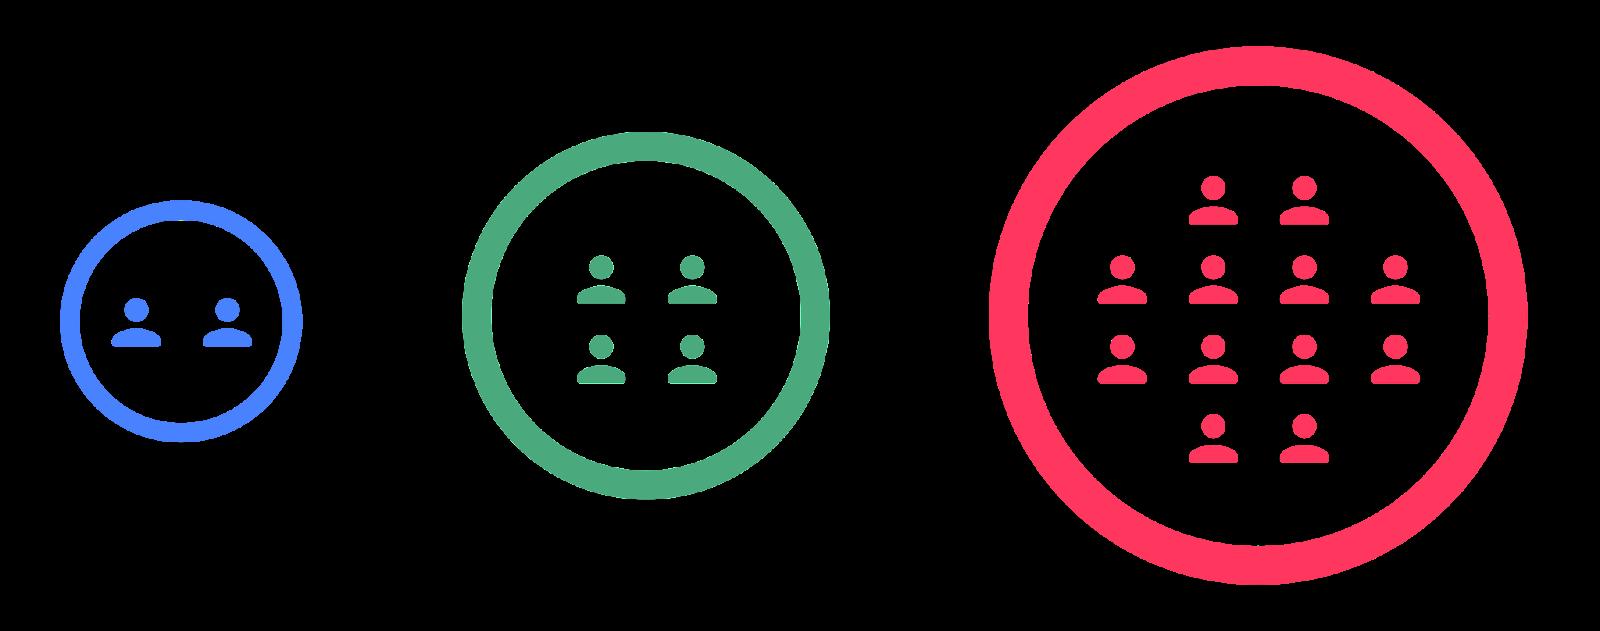 Imagem com um exemplo de fluxo utilizando círculos: Primeiro um círculo com dois usuários, depois um círculo com quatro usuários e o último com 12 usuários.